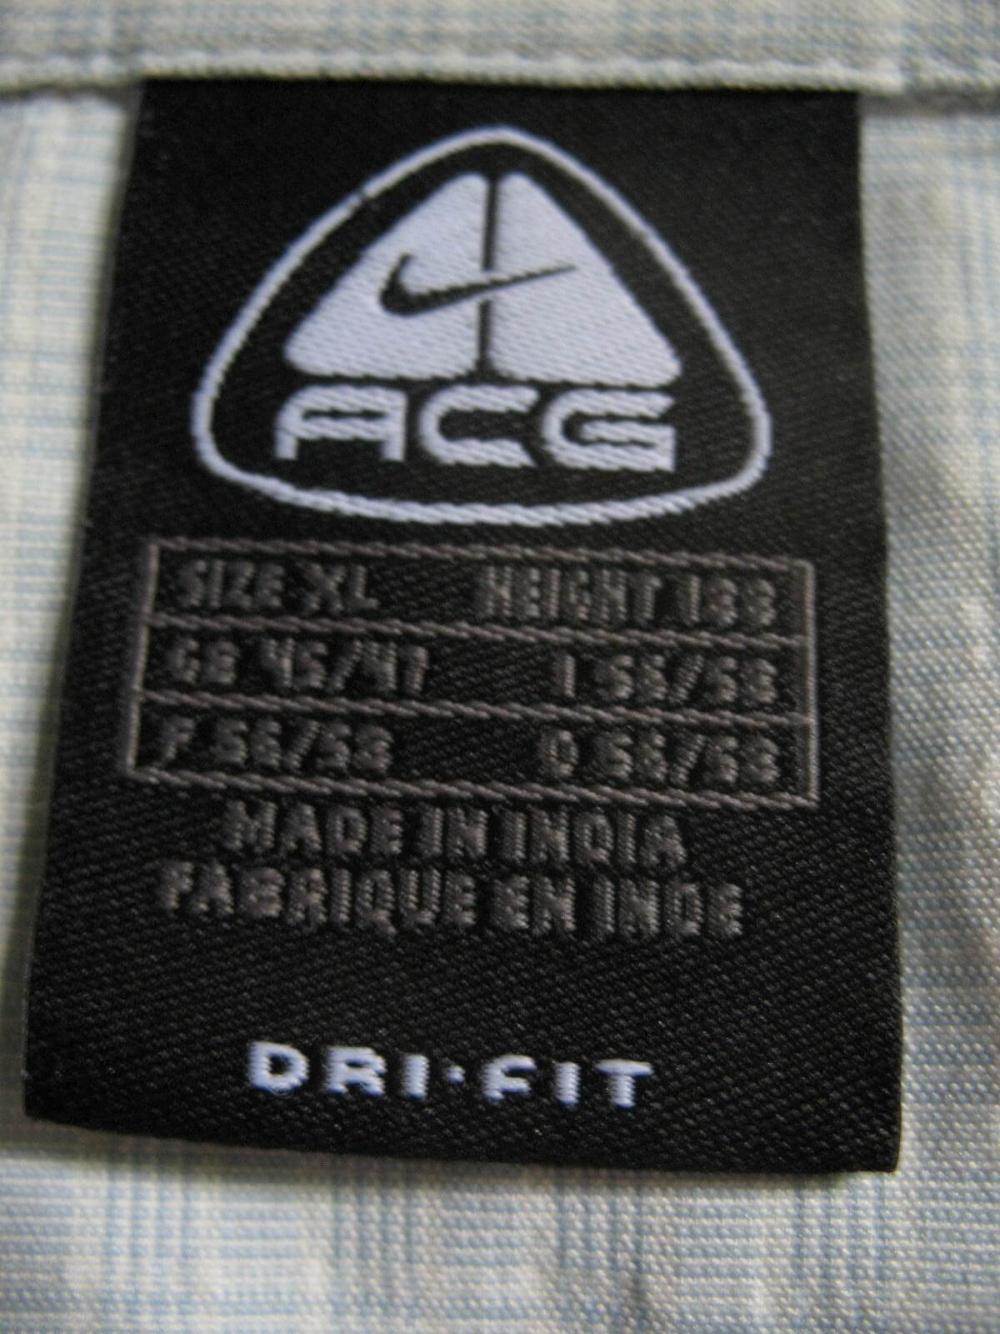 Рубашка NIKE acg dri fit shirt (размер XL/XXL) - 8